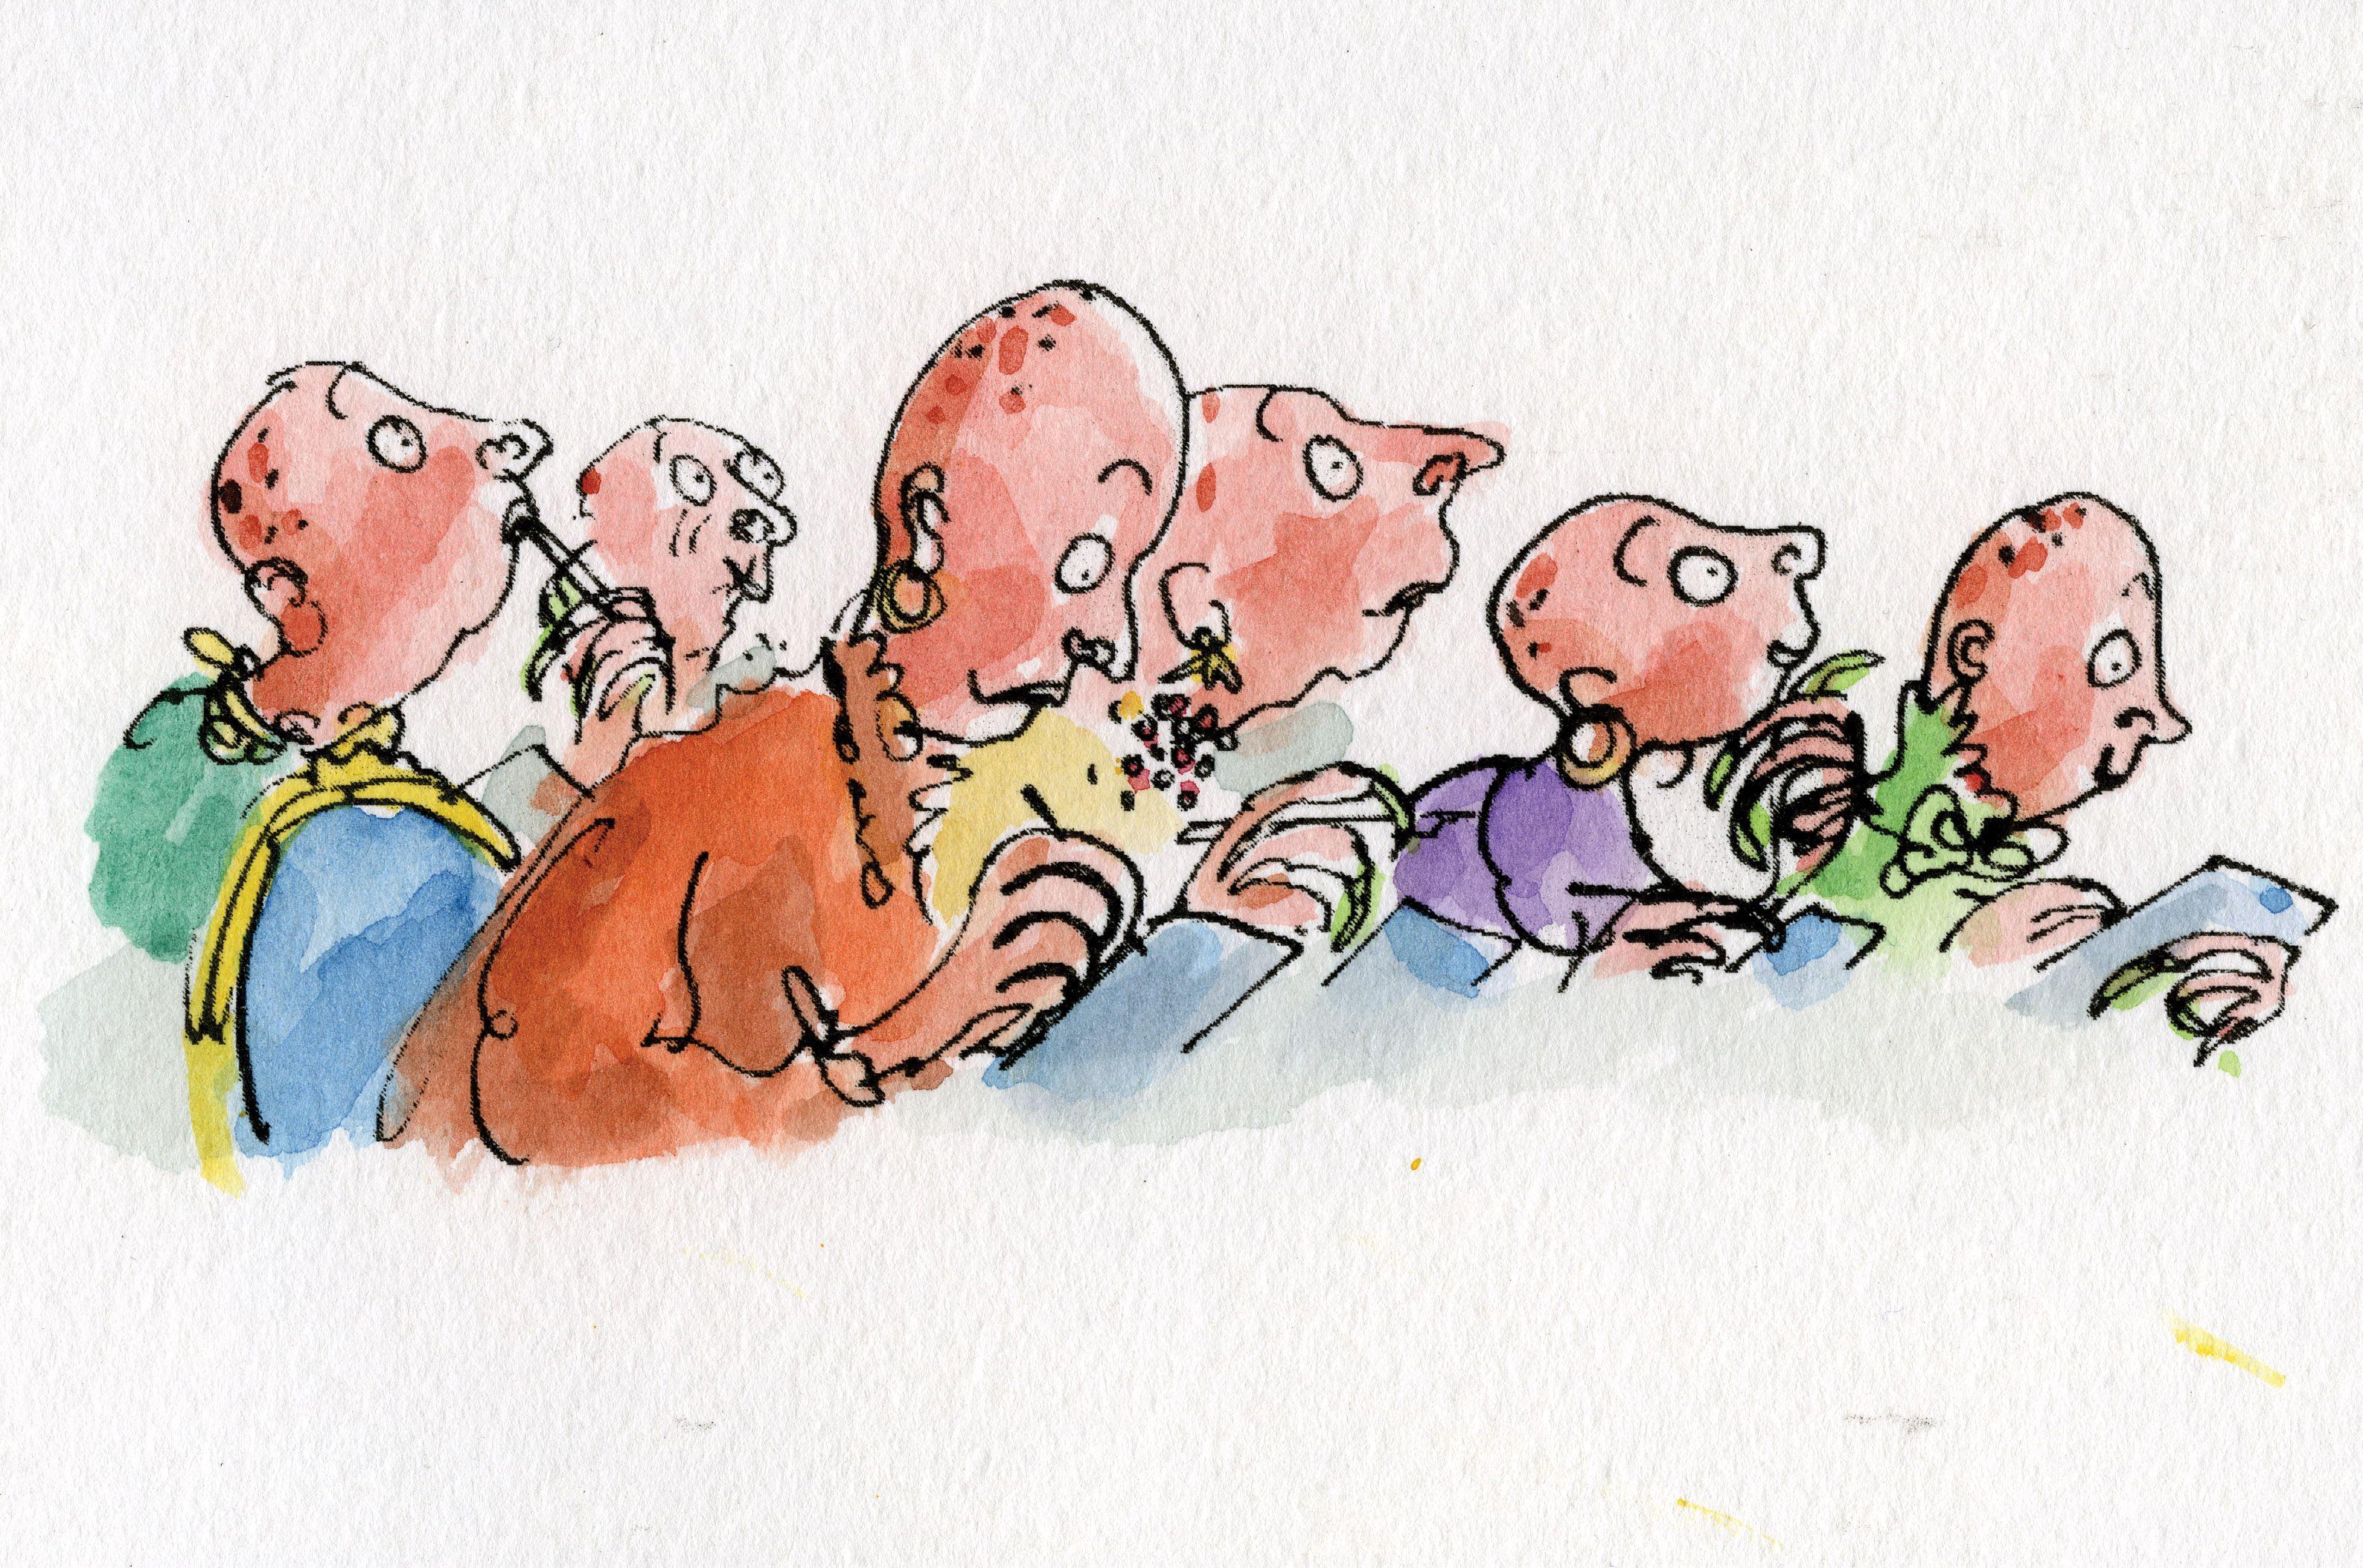 Quentin Blake illustration | Quentin blake, Quentin blake illustrations,  The witches roald dahl